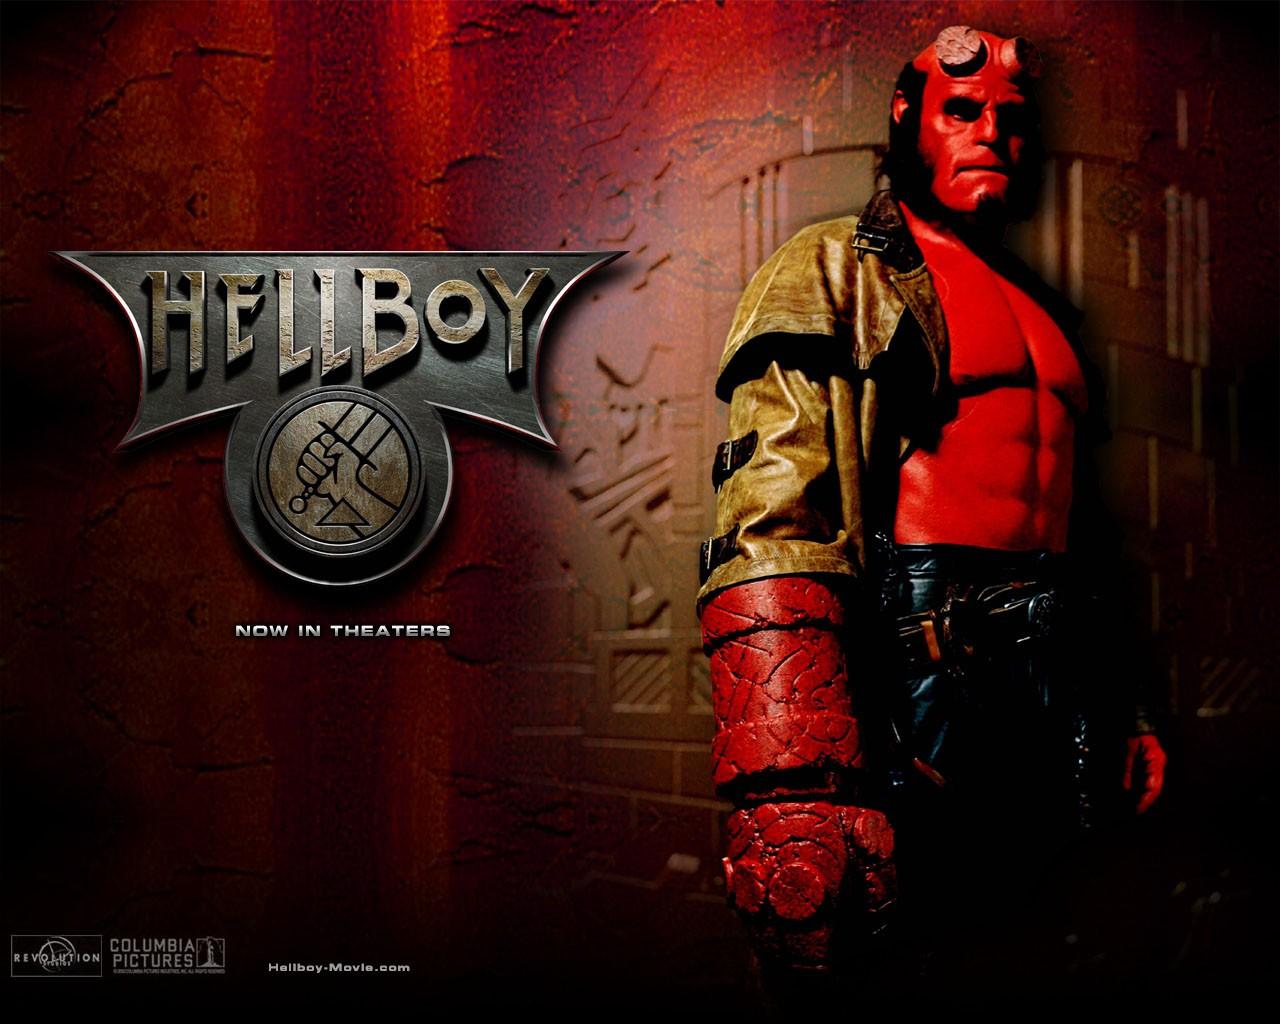 Wallpaper di Ron Perlman che interpreta Hellboy nel film 'Hellboy'